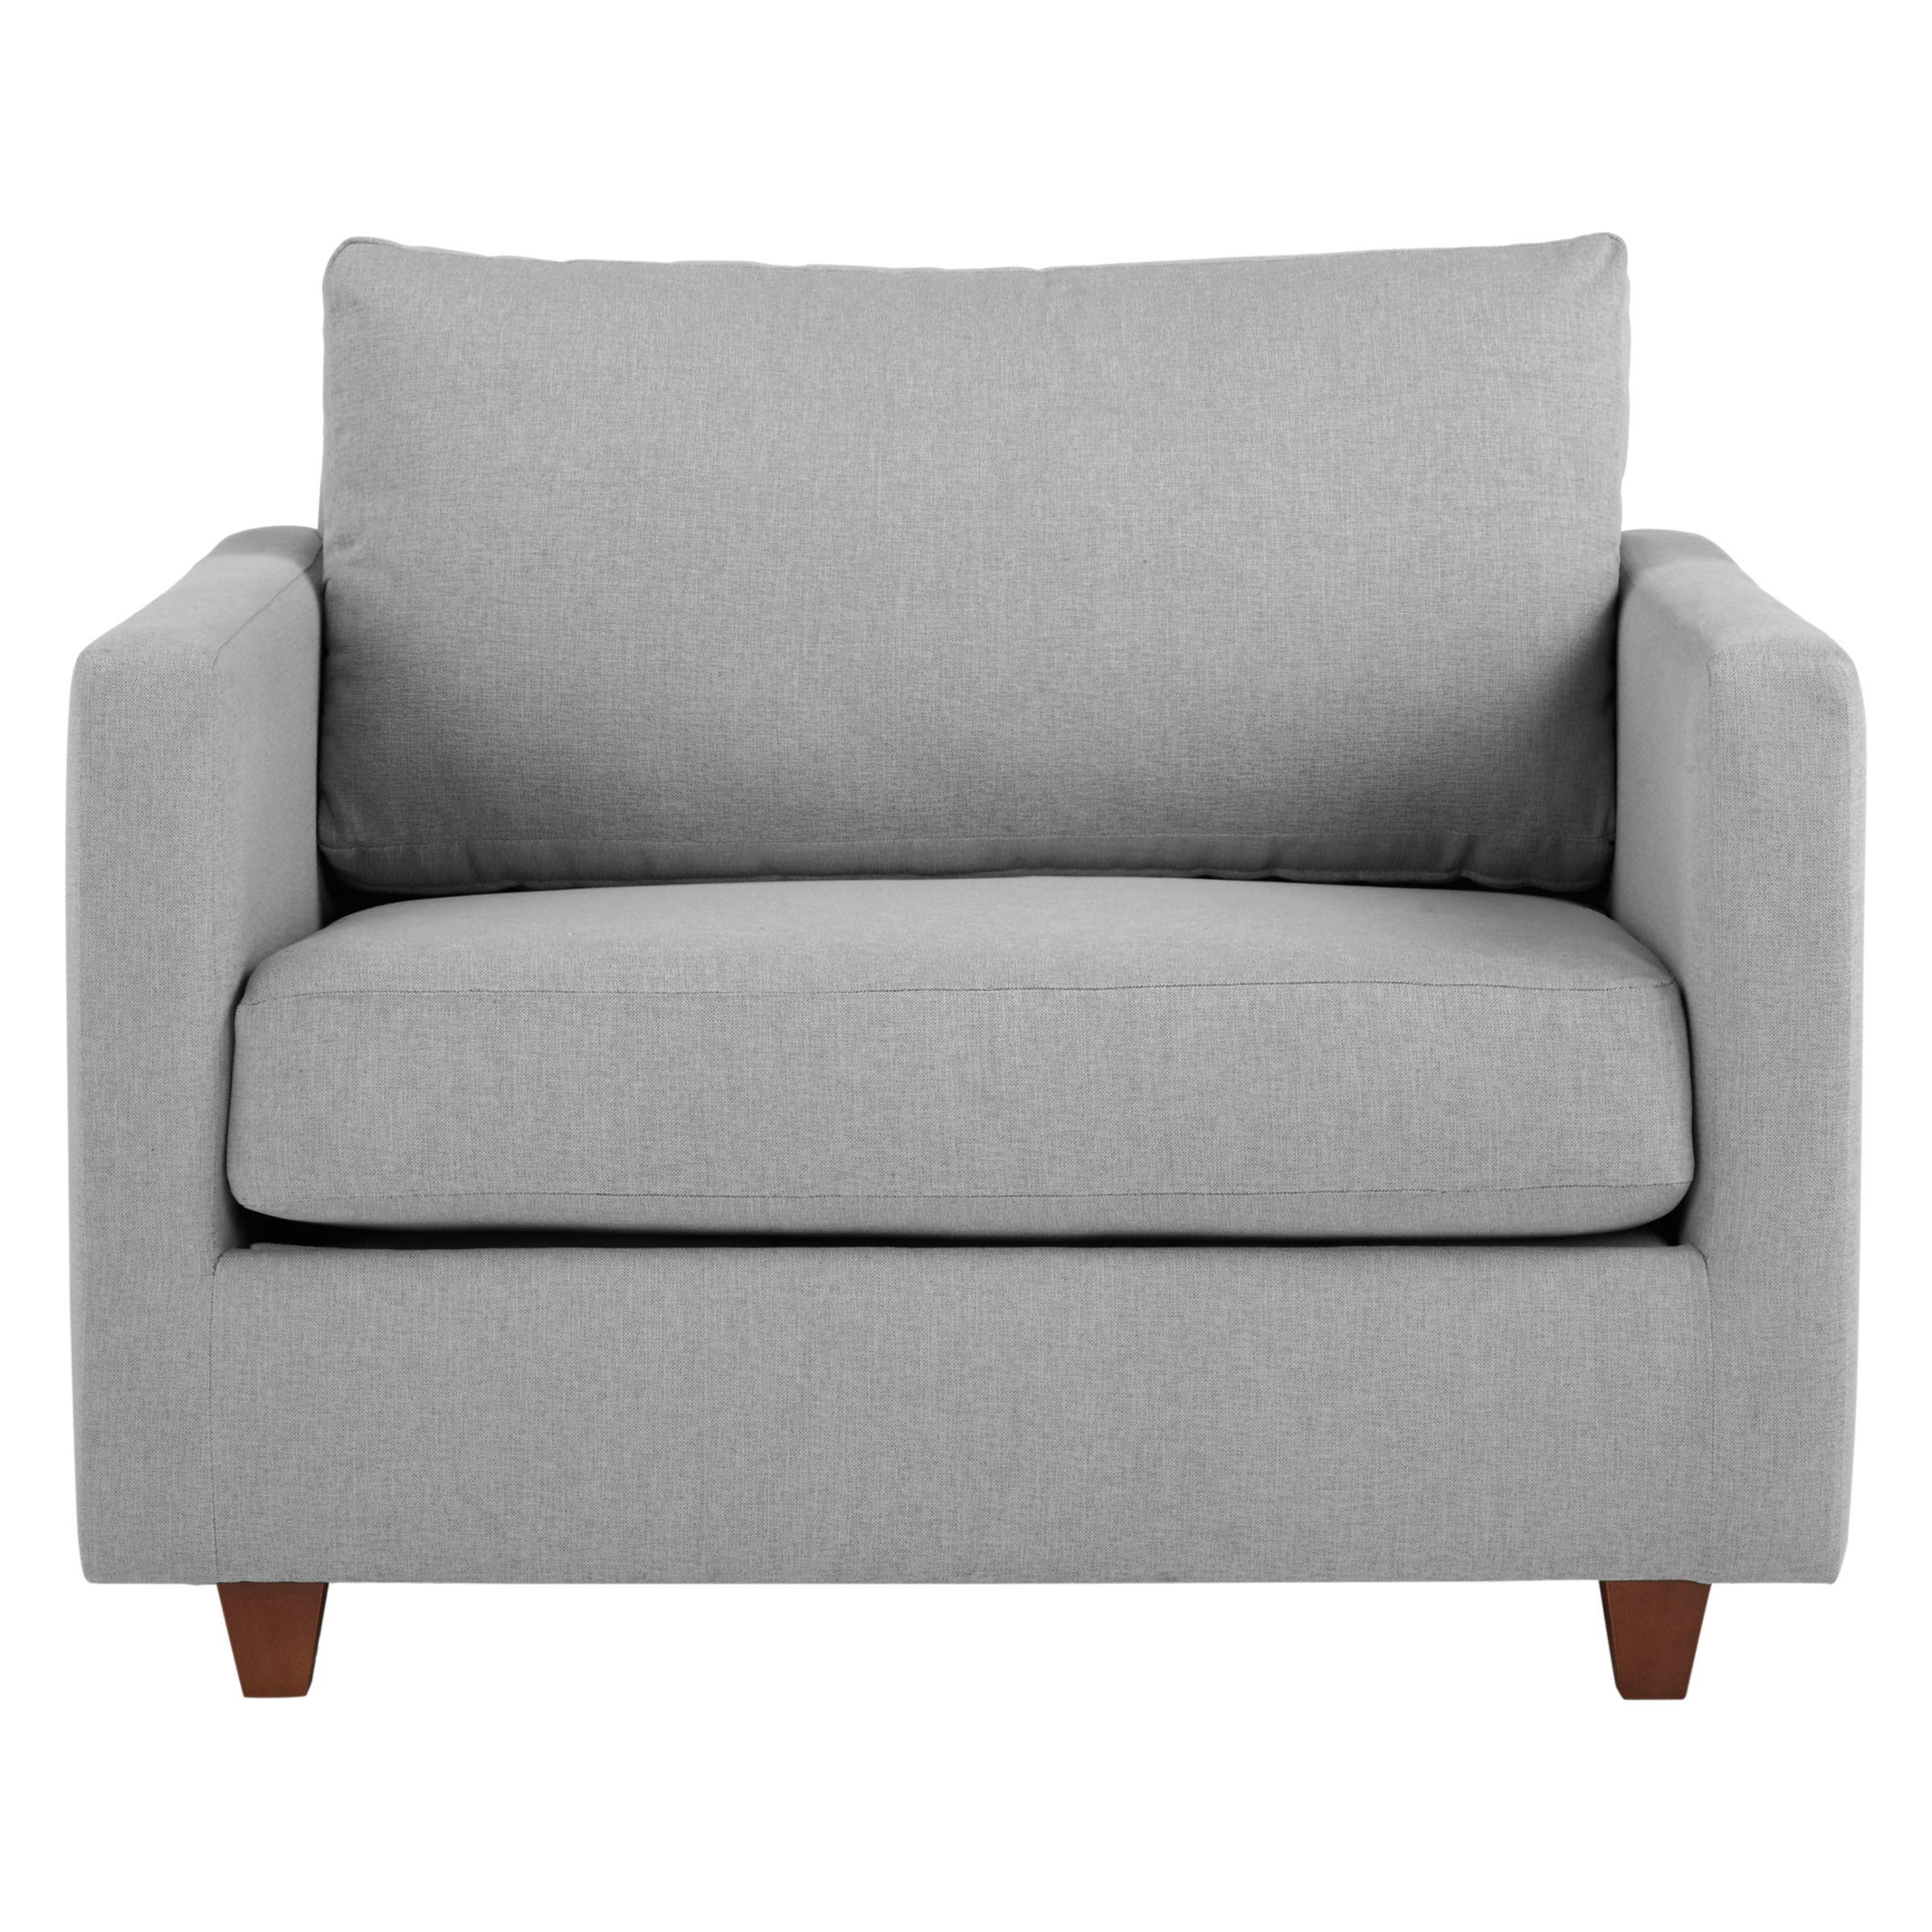 Sofa Snugglers John Lewis